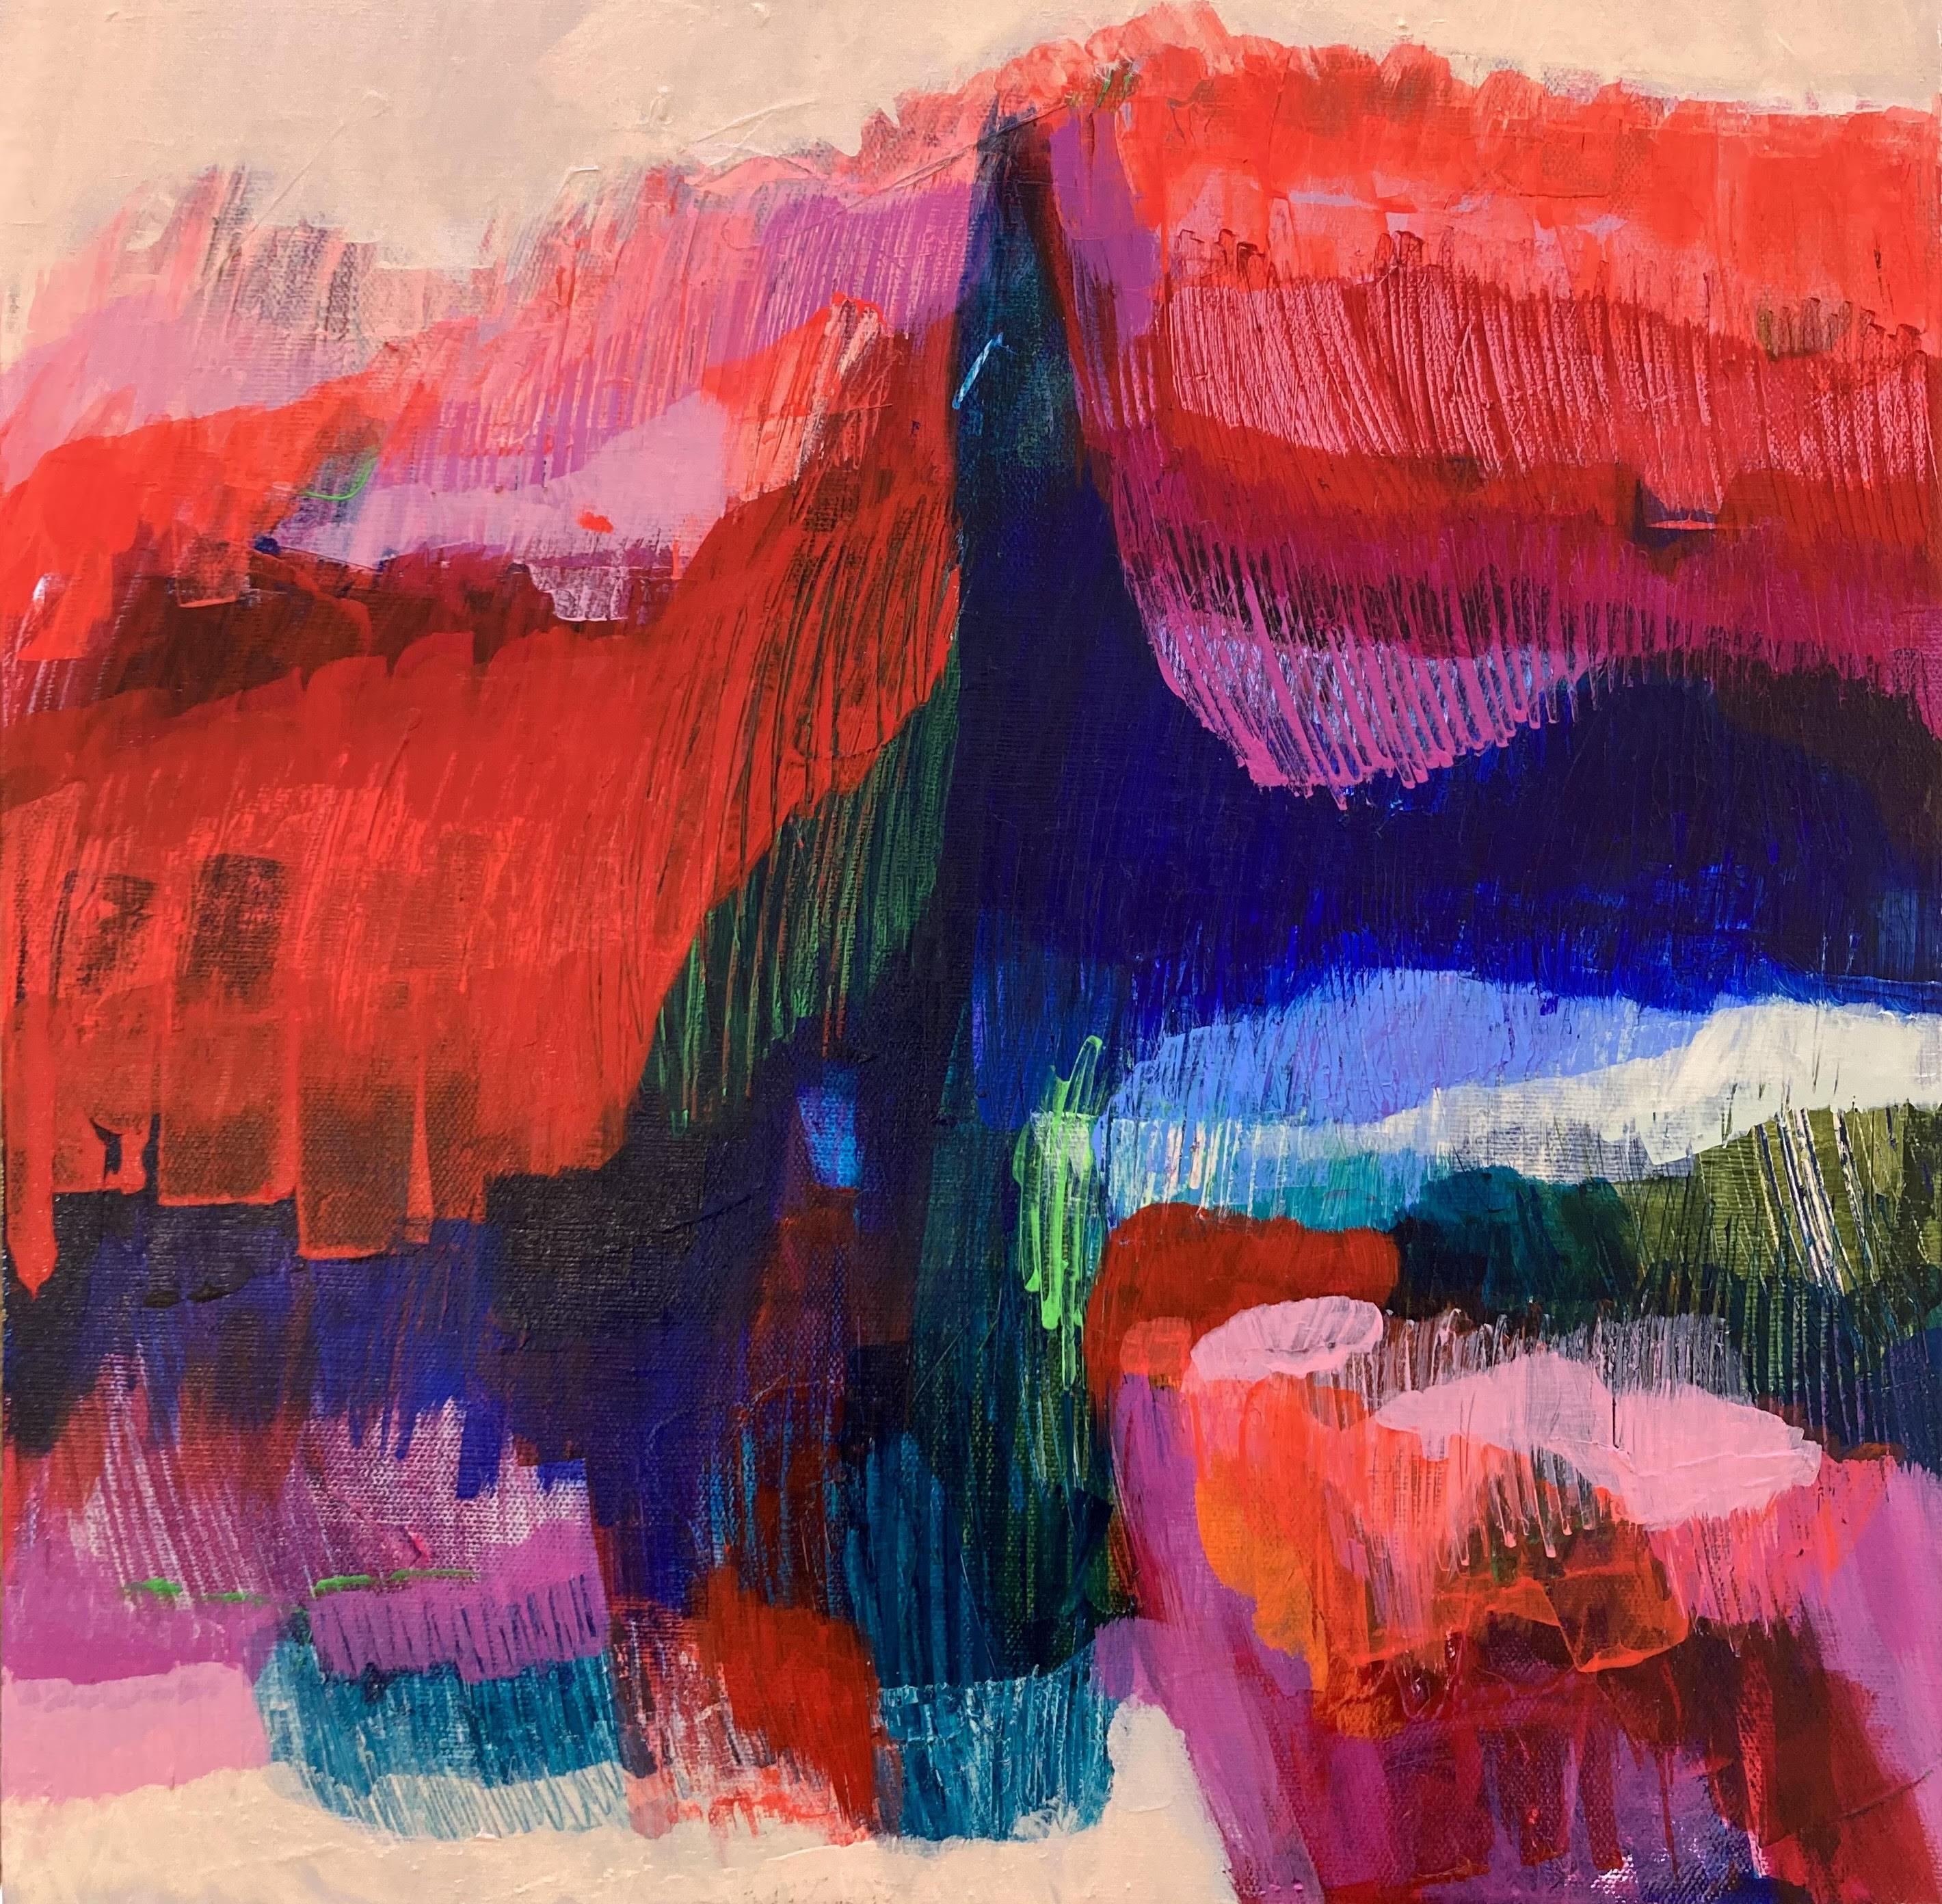 Dawn by Esther O'Kelly